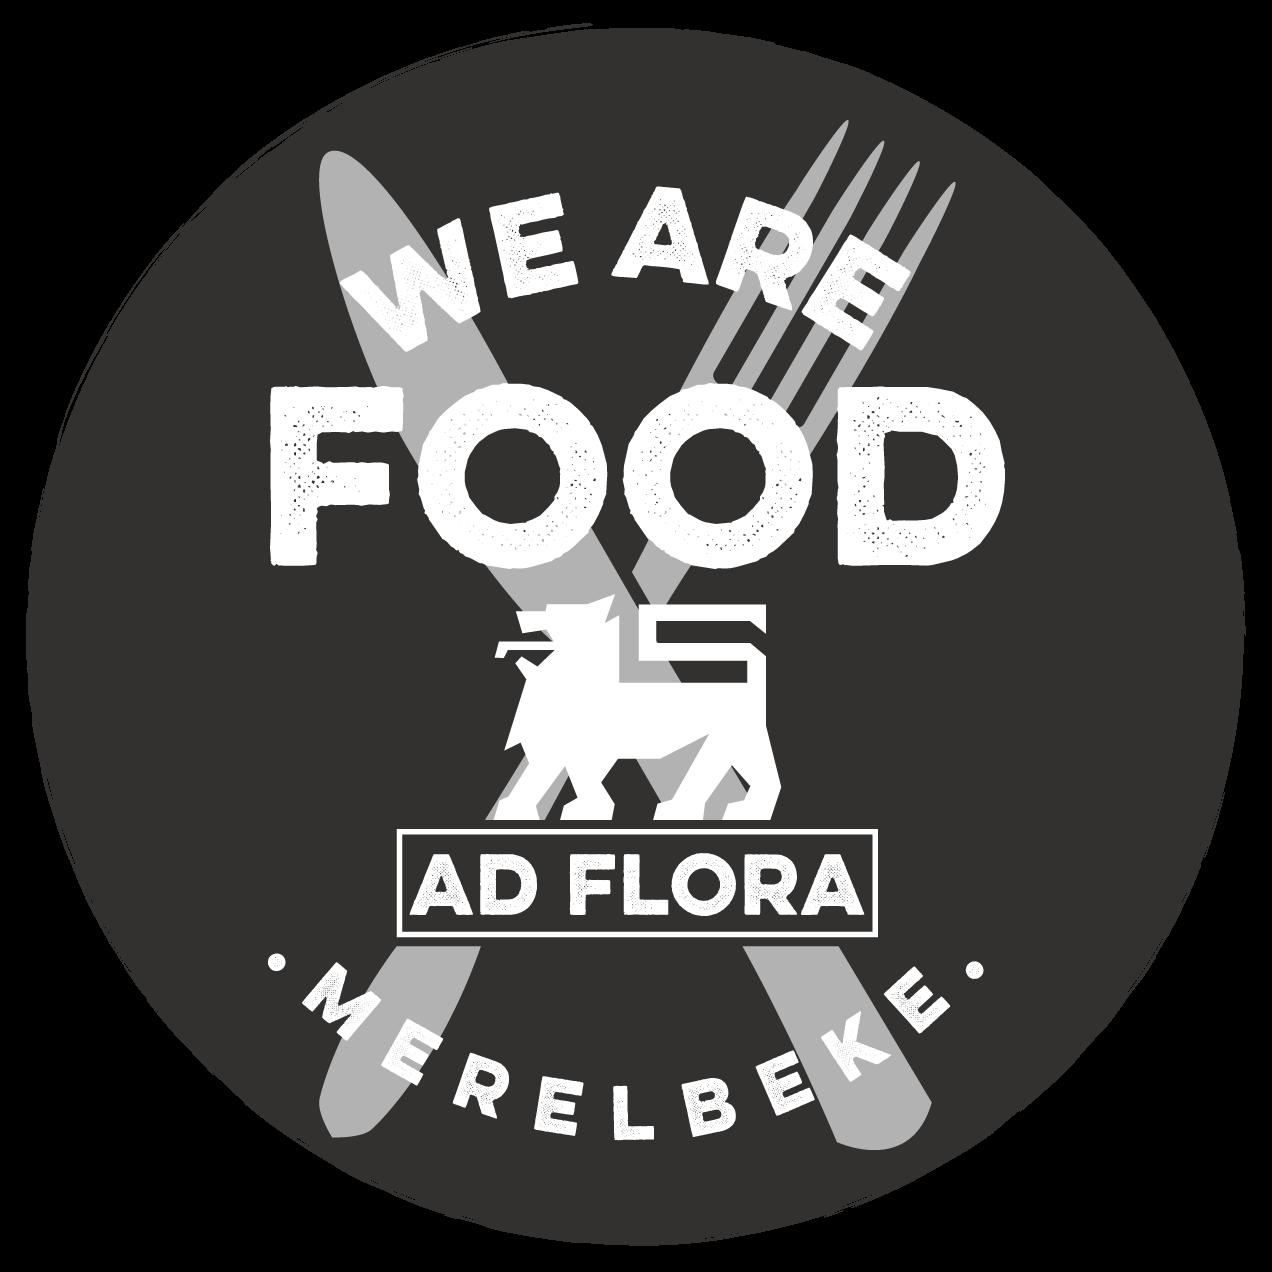 Logo Delhaize AD Flora Merelbeke - AD in het groot gescheven met Flora daaronder vermeldt